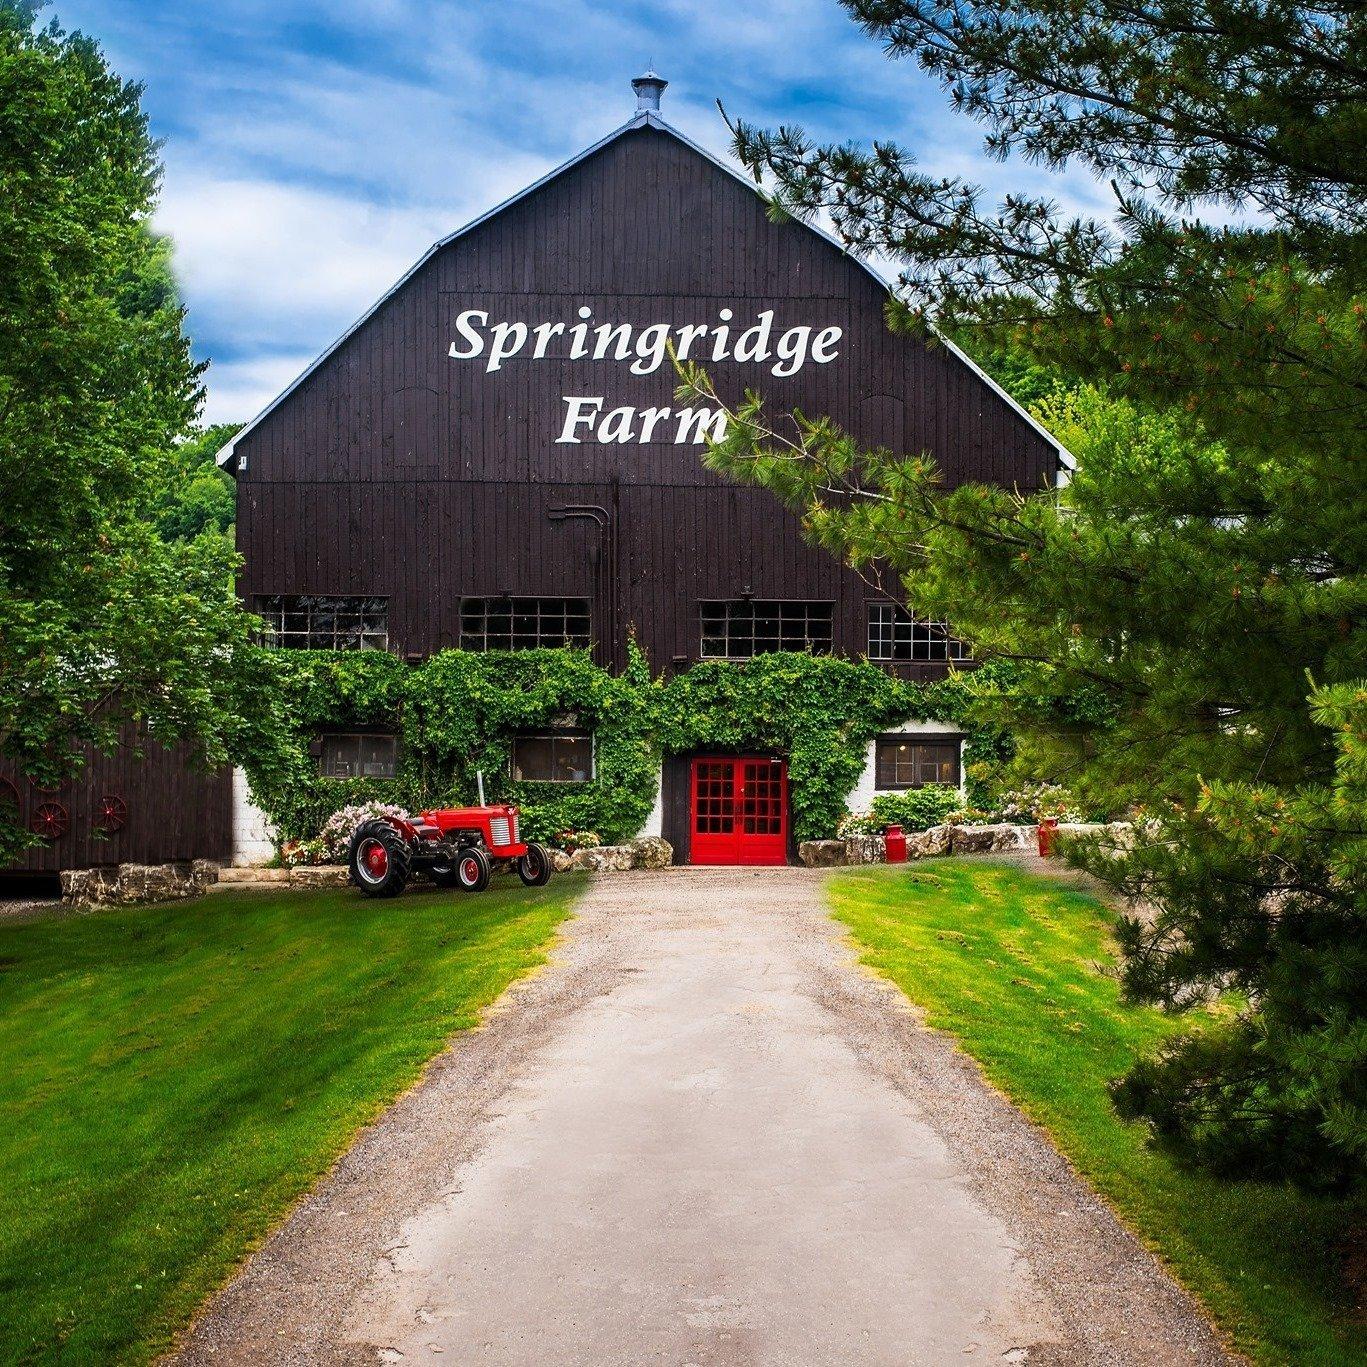 springridge farm in milton